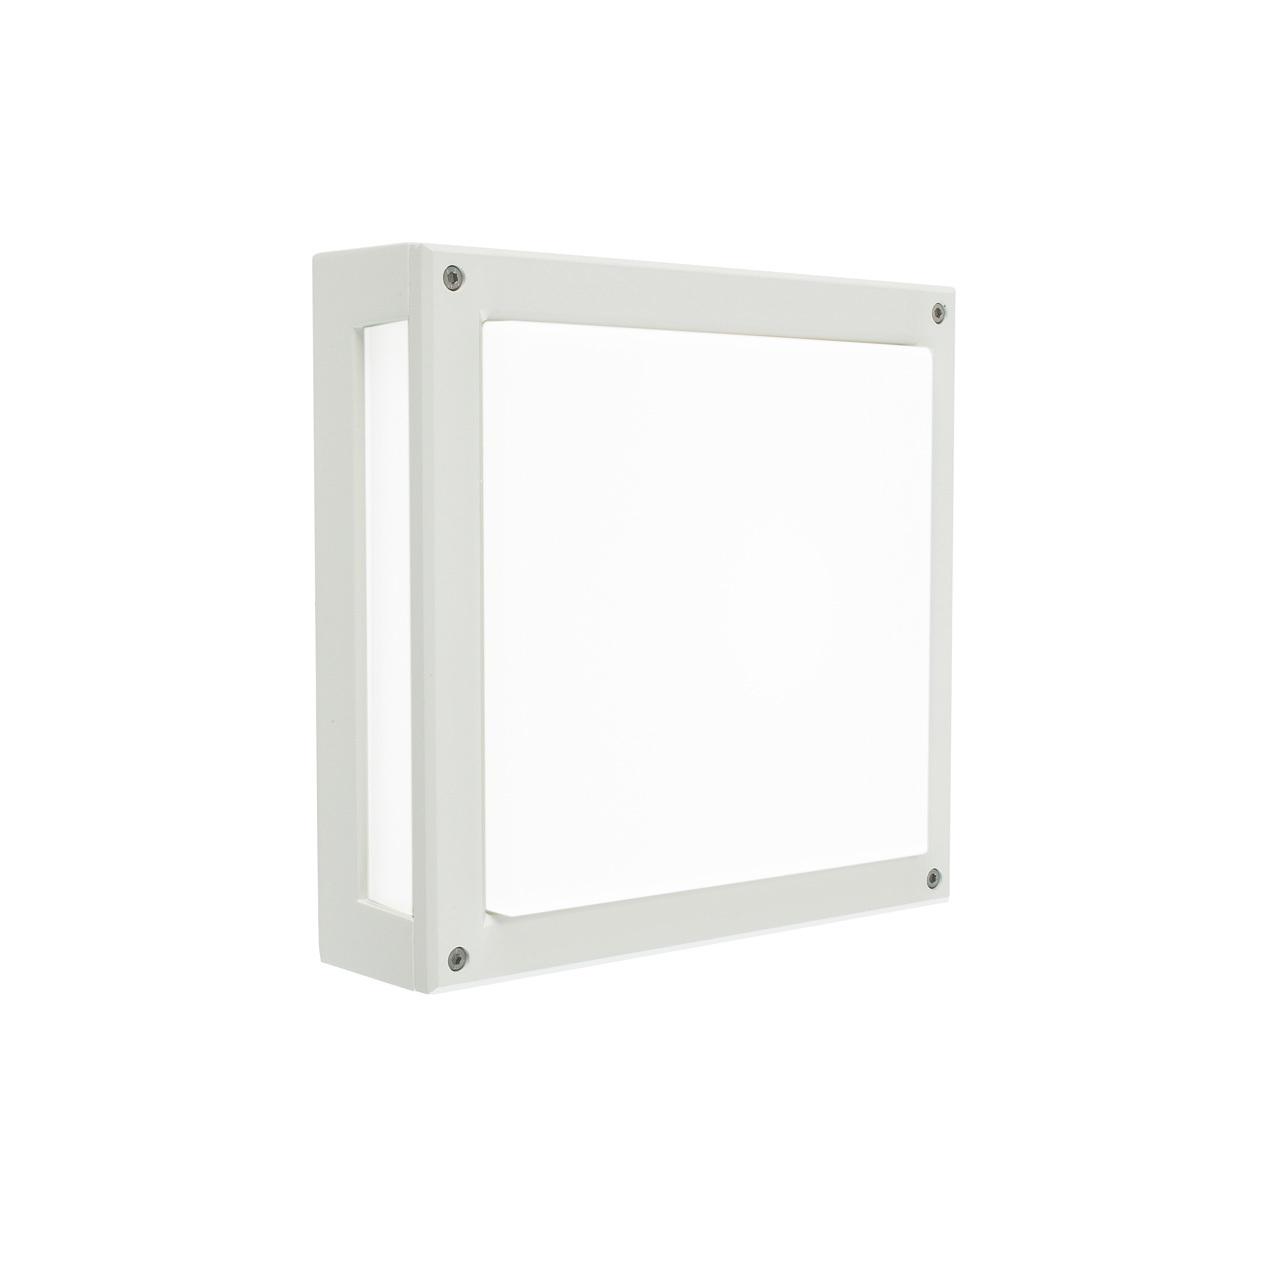 Lampa ścienna NORDLAND LED HF 5040W -Norlys  SPRAWDŹ RABATY  5-10-15-20 % w koszyku